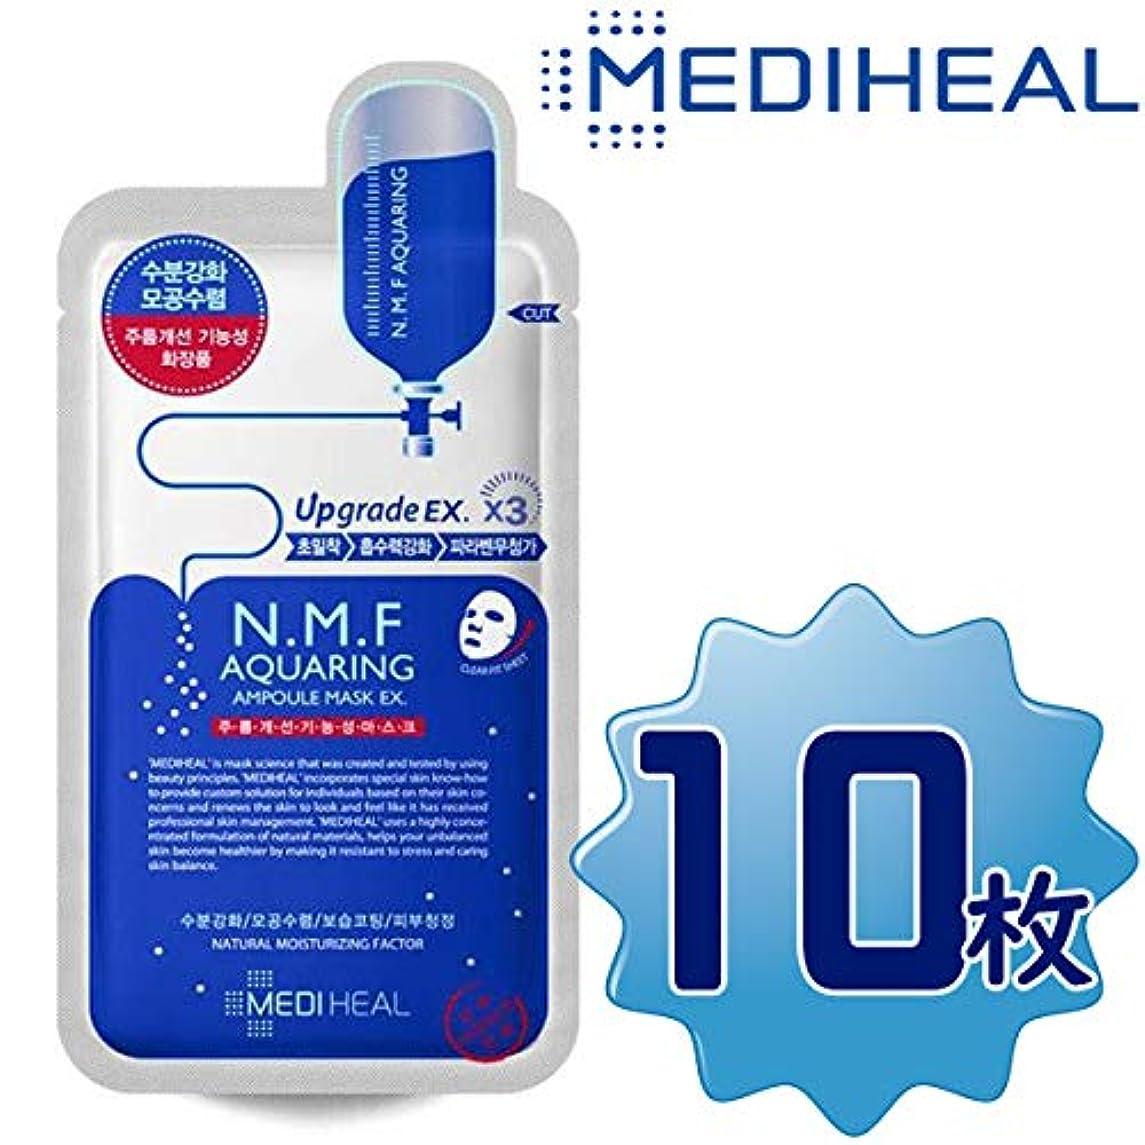 今日土地うまくやる()【正規輸入品】Mediheal メディヒール N.M.F アクアリング アンプル?マスクパックEX 10枚入り×1(Aquaring Ampoule Essential Mask PackEX 1box(10sheet)×1